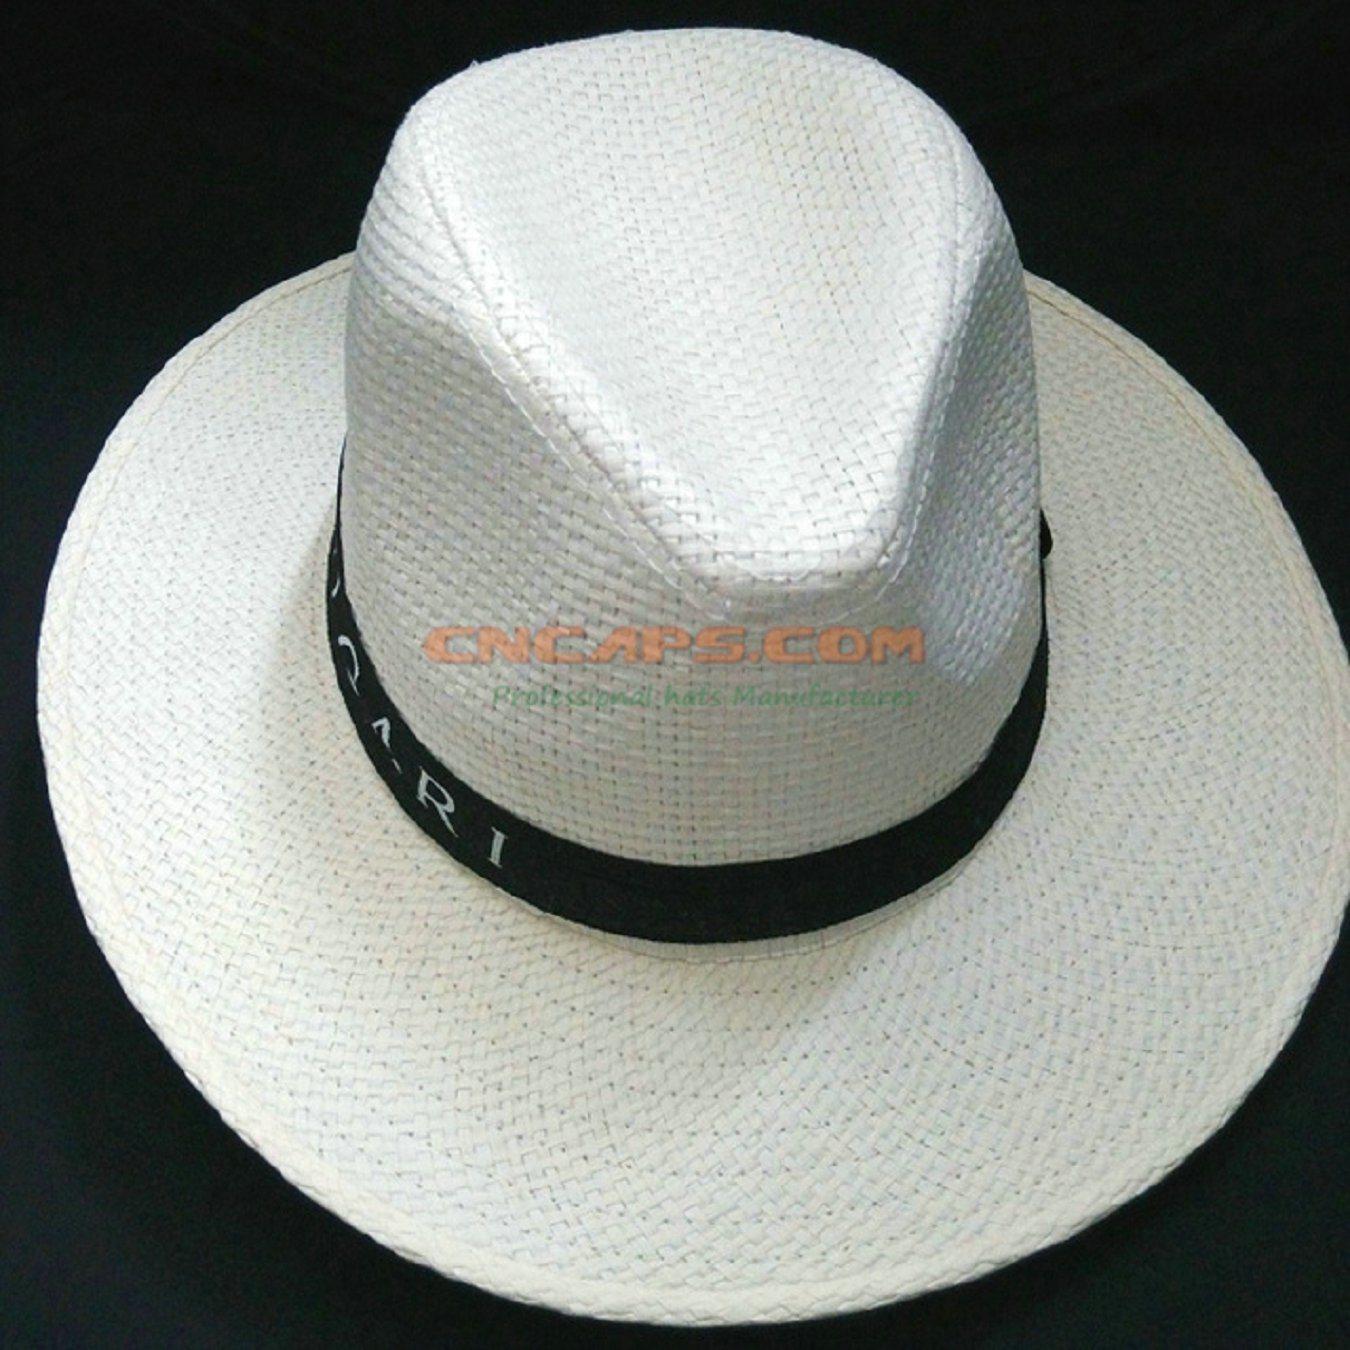 3851516664 Diseño personalizado de sombrero de paja con cinta de impresos para  publicidad – Diseño personalizado de sombrero de paja con cinta de impresos  para ...